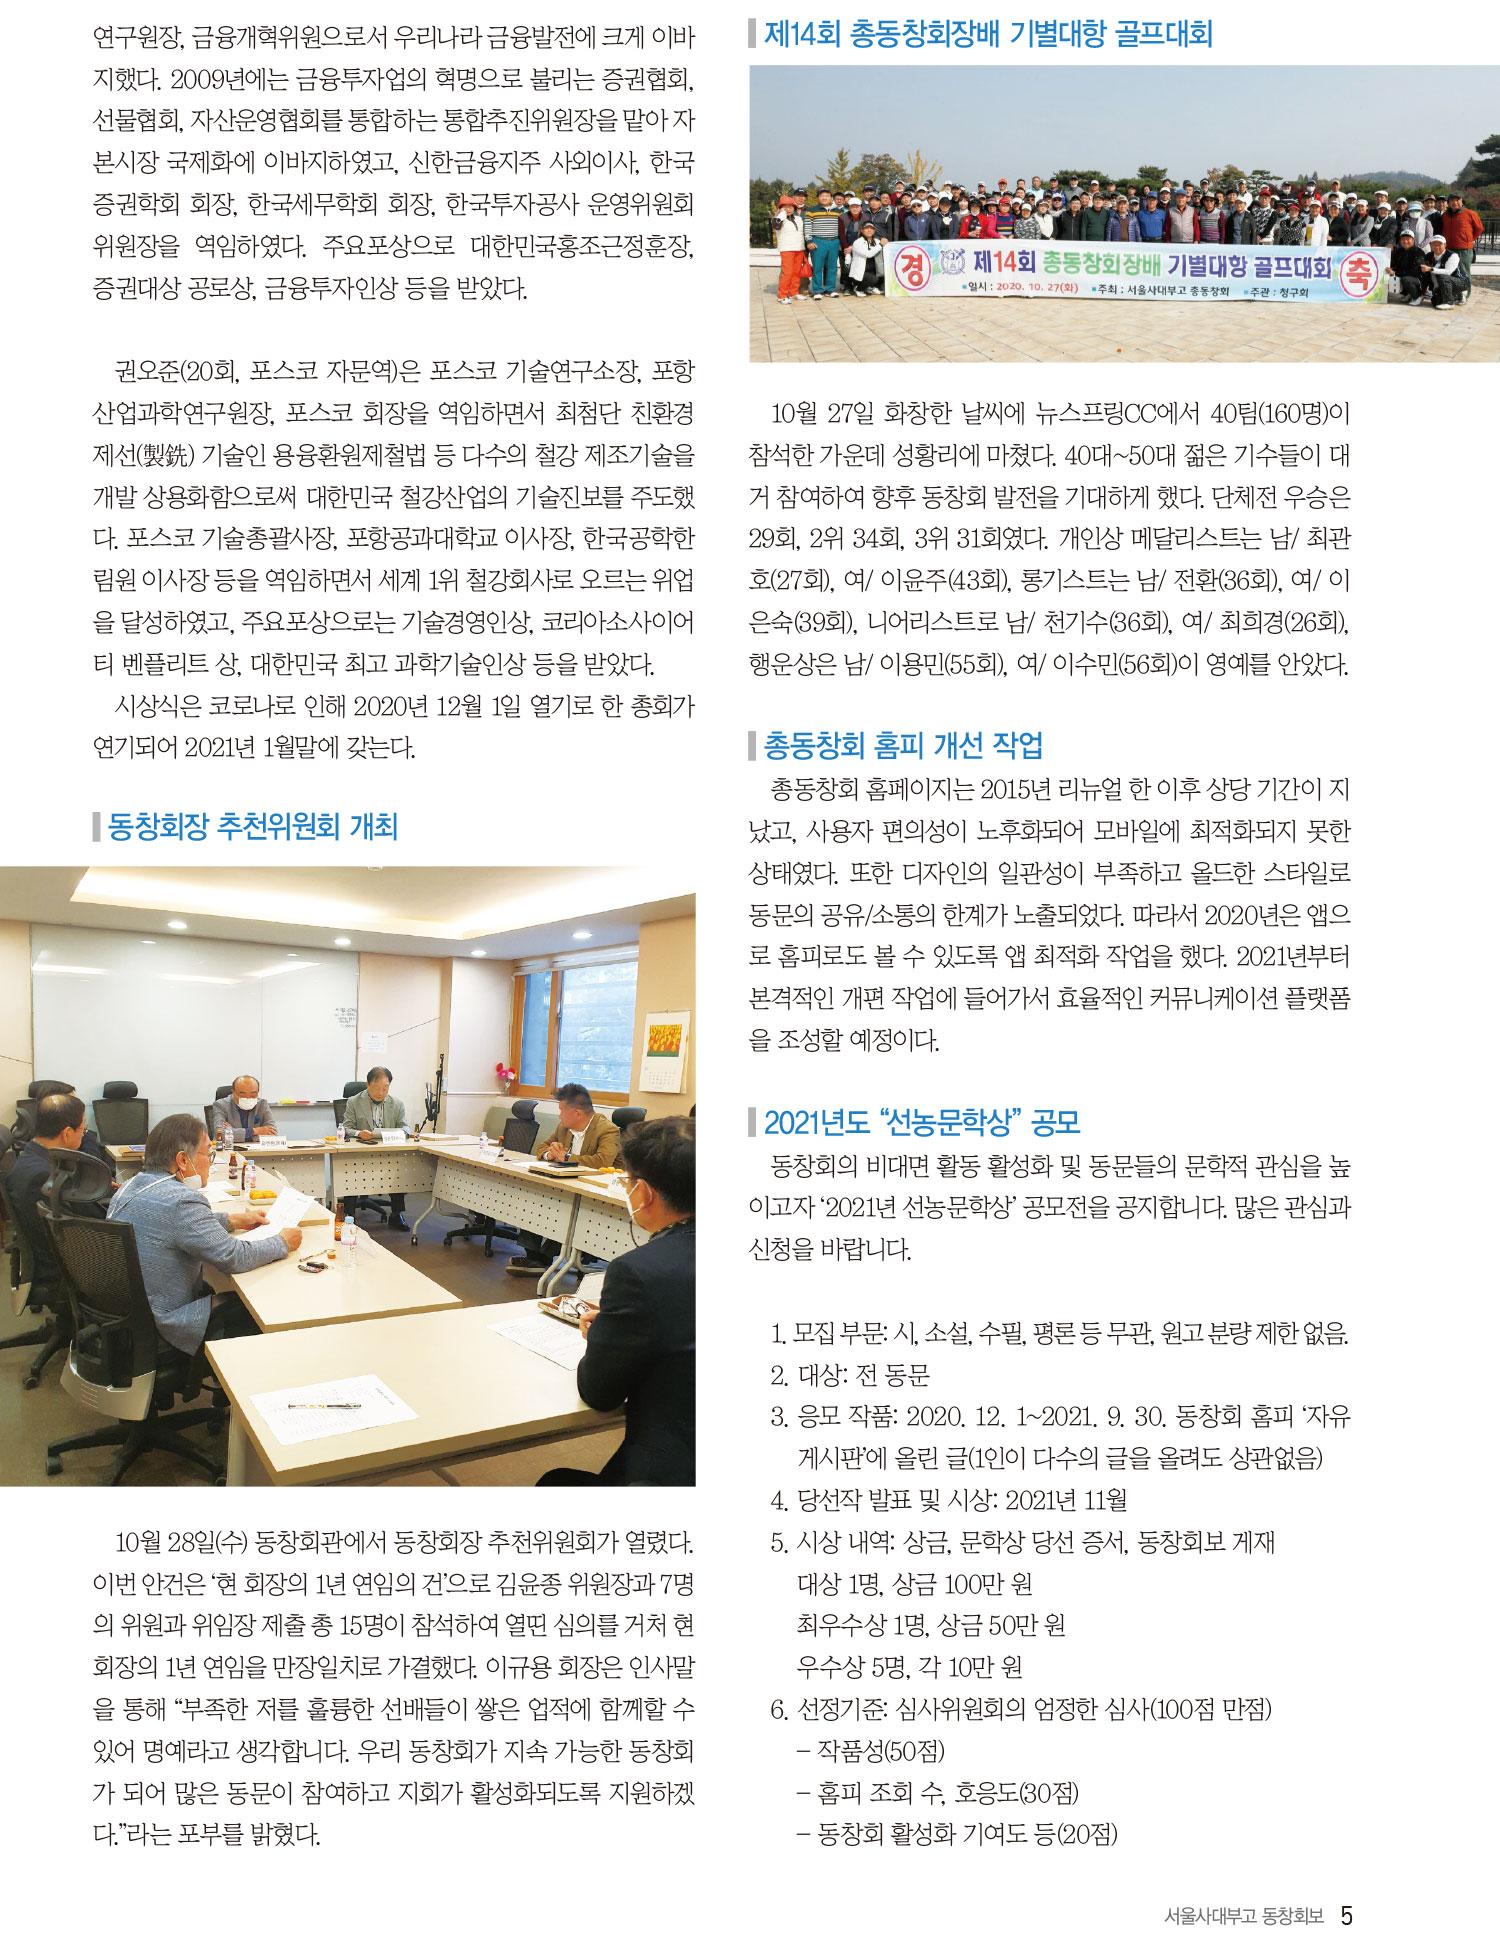 서울사대부고-115호-홈페이지-5.jpg